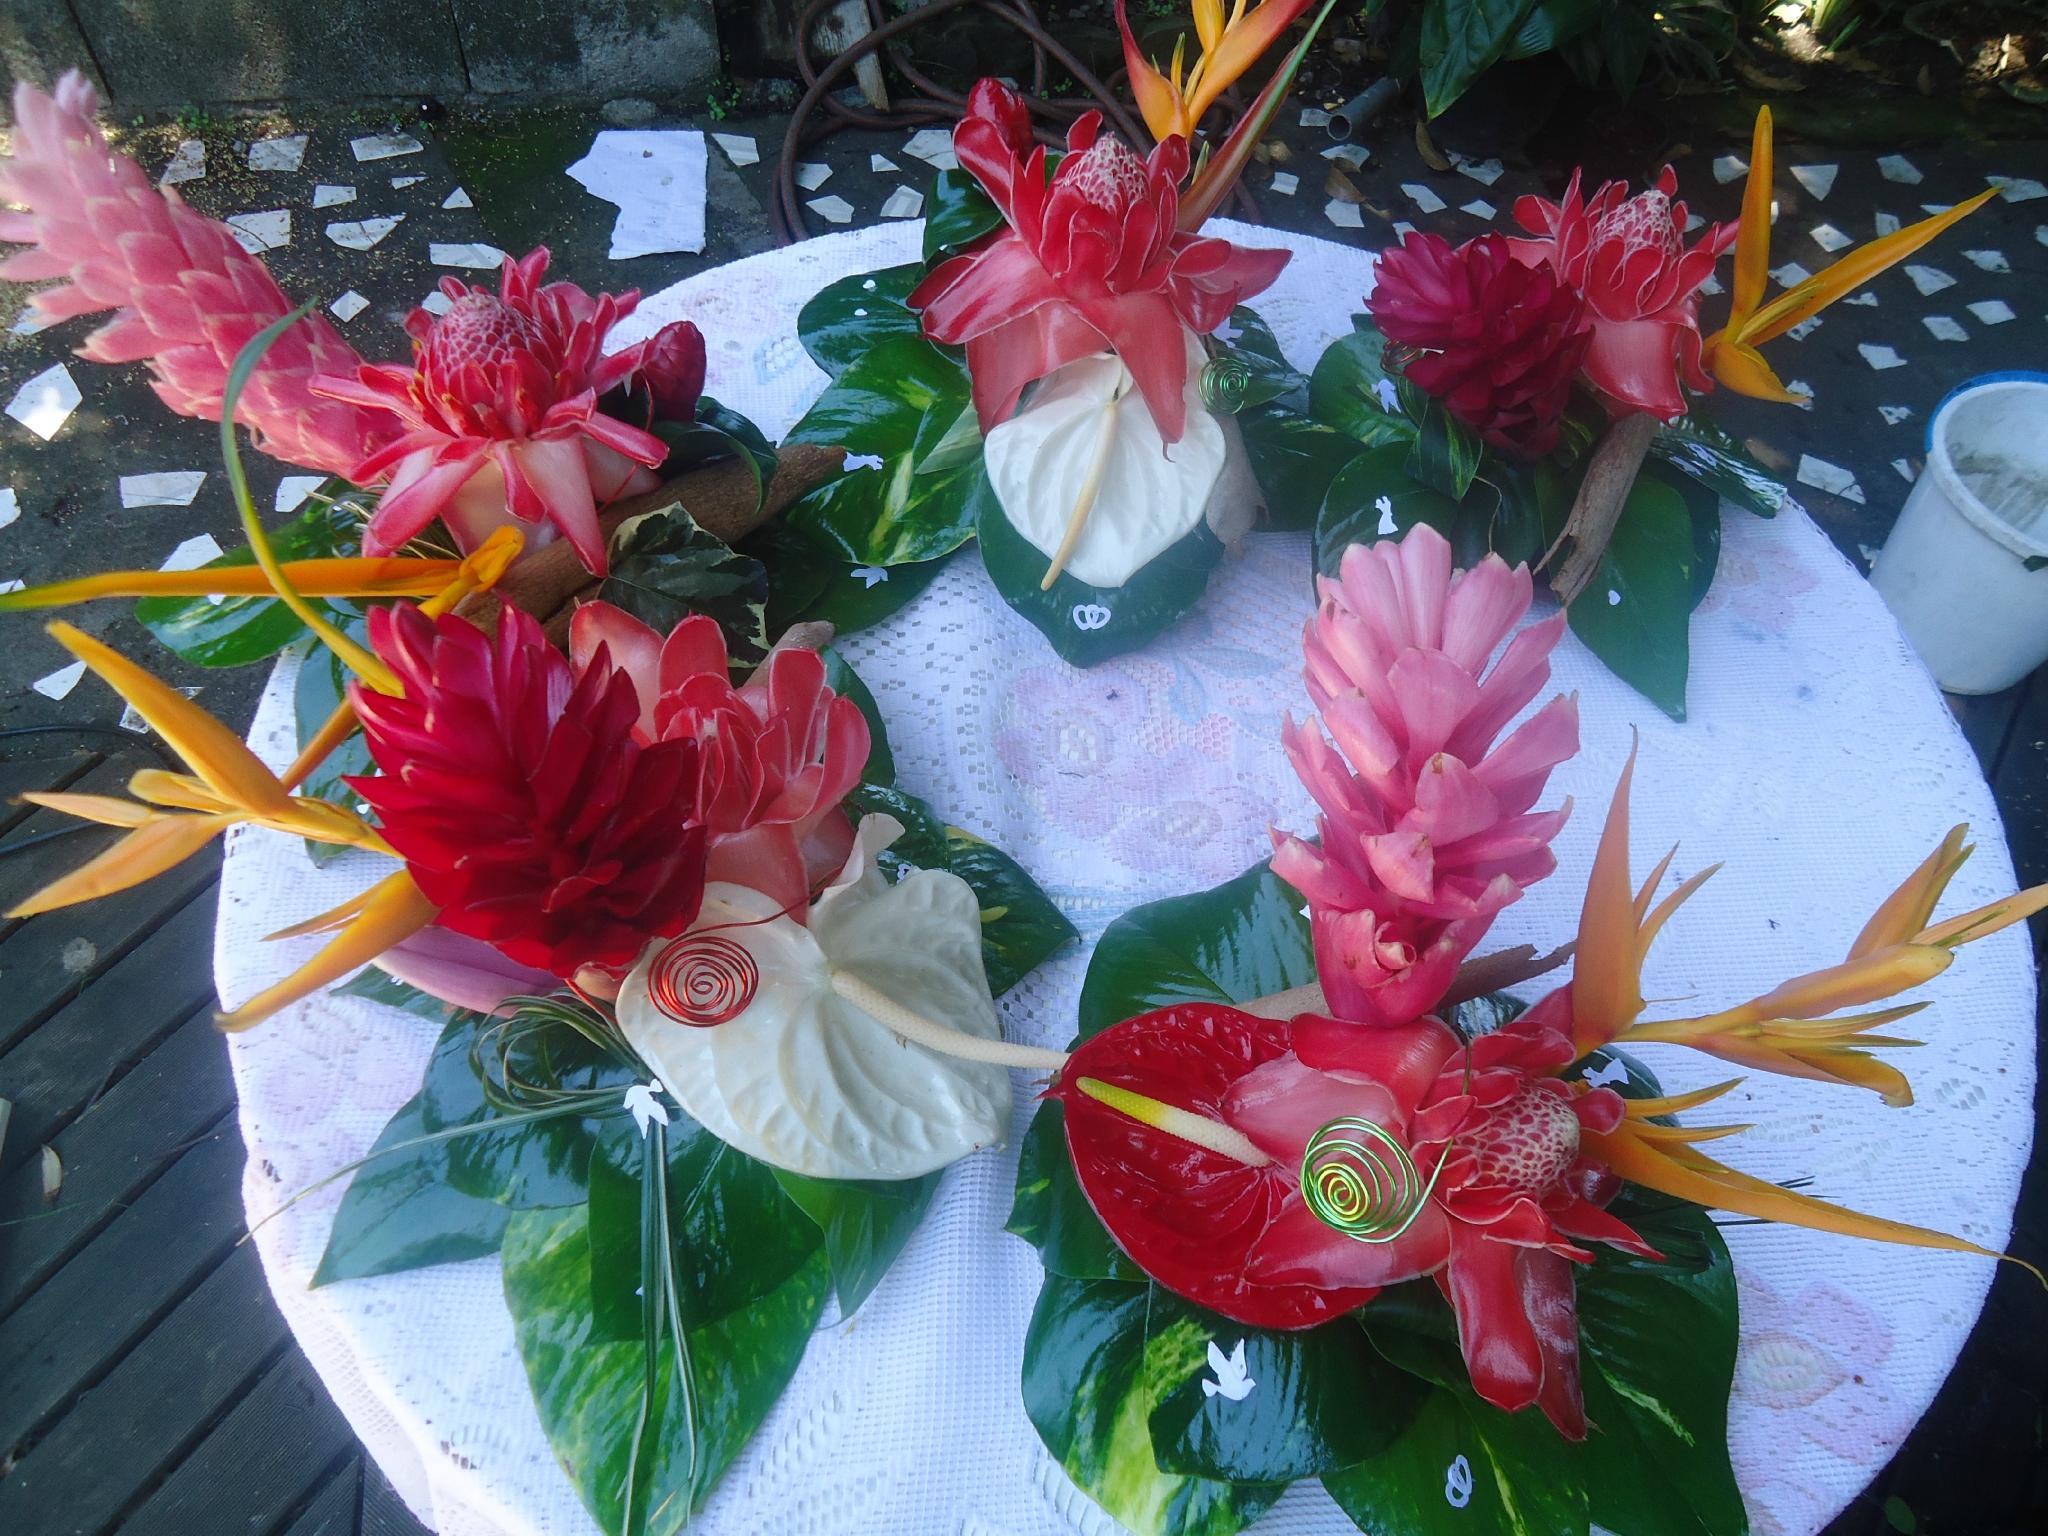 Dsc03322 Photo De Compositions Florales Exotique Les Fleurs De